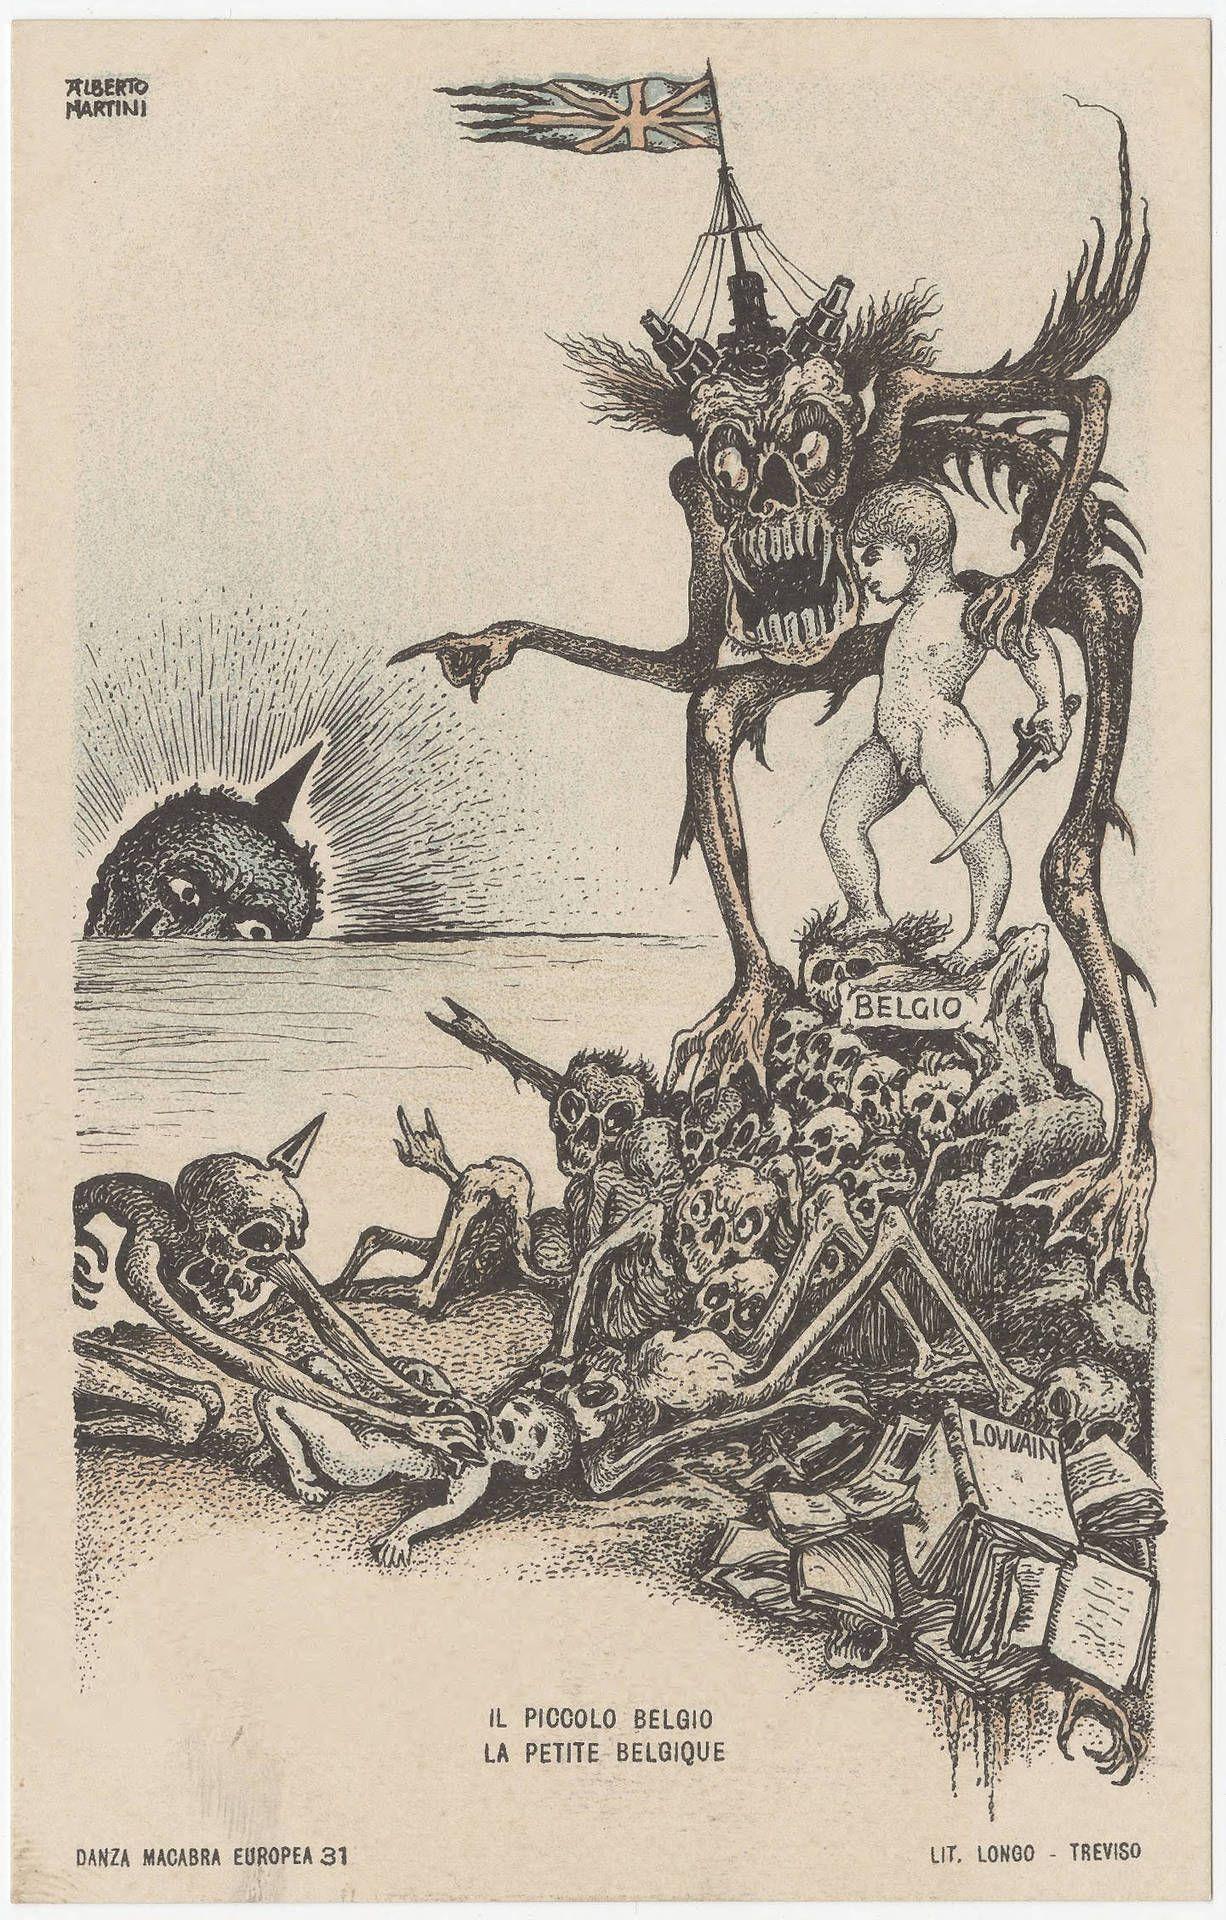 Alberto Martini - Danza Macabra Europea (1915)